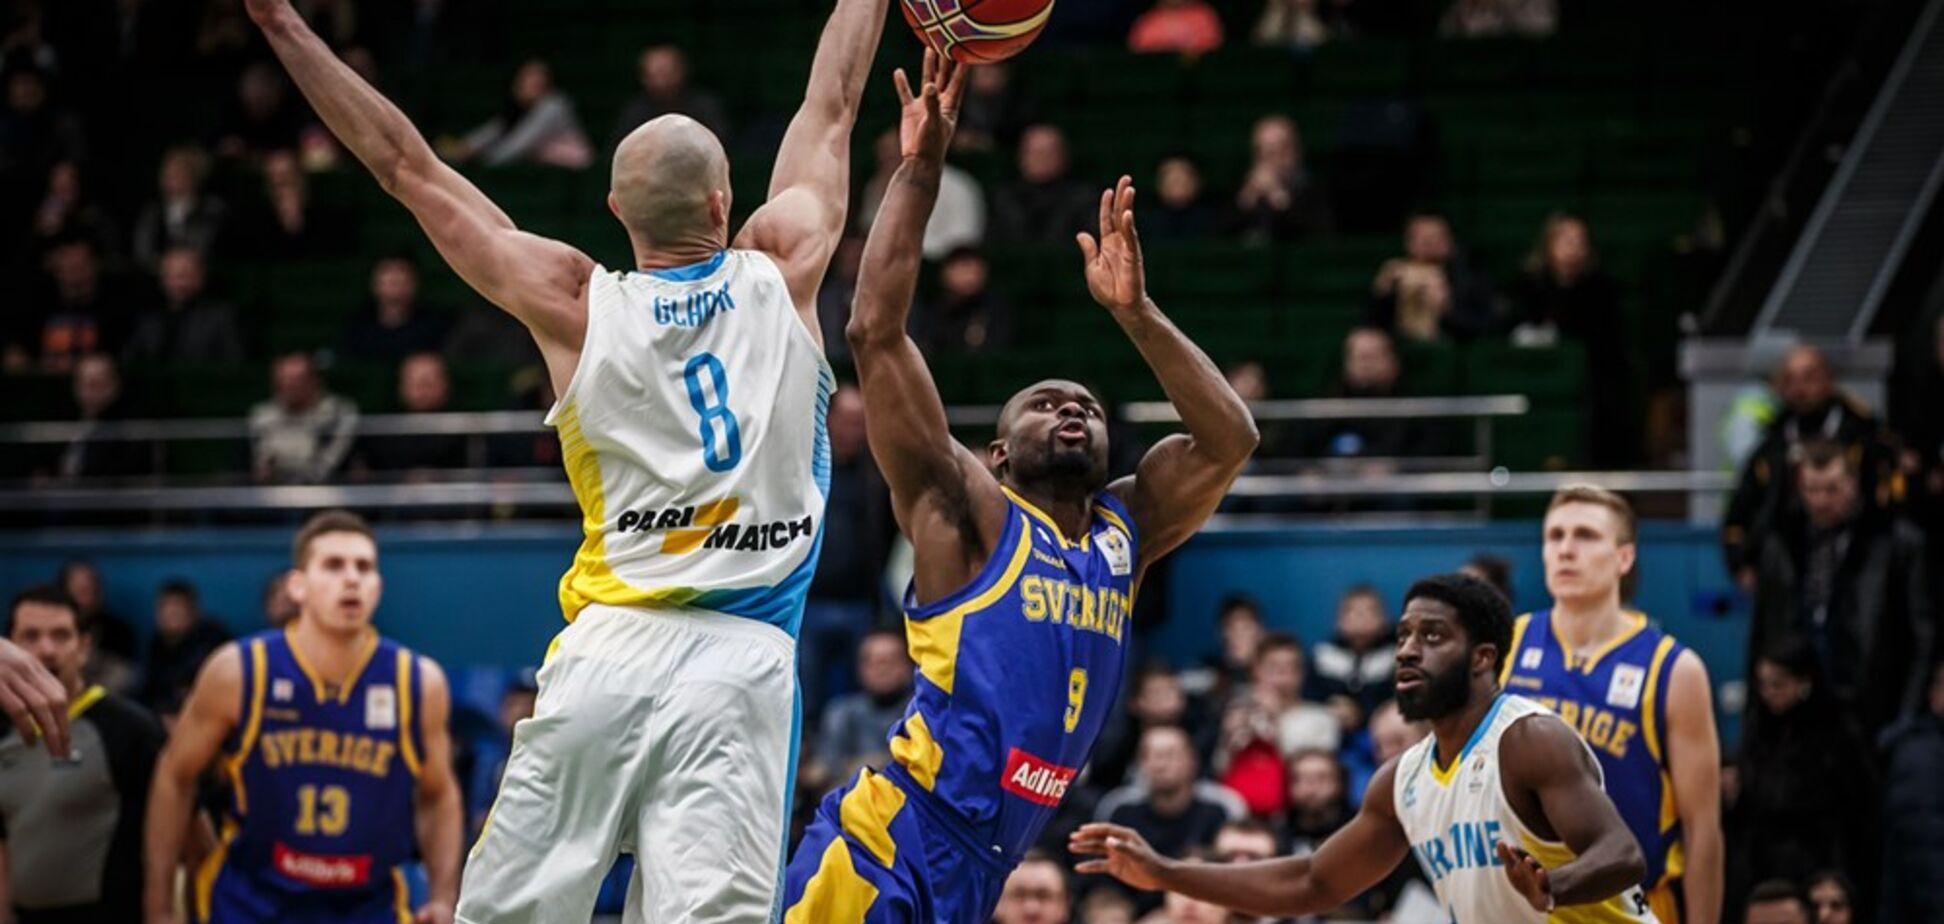 Збірна України впевнено обіграла Швецію у відборі Кубка світу з баскетболу-2019